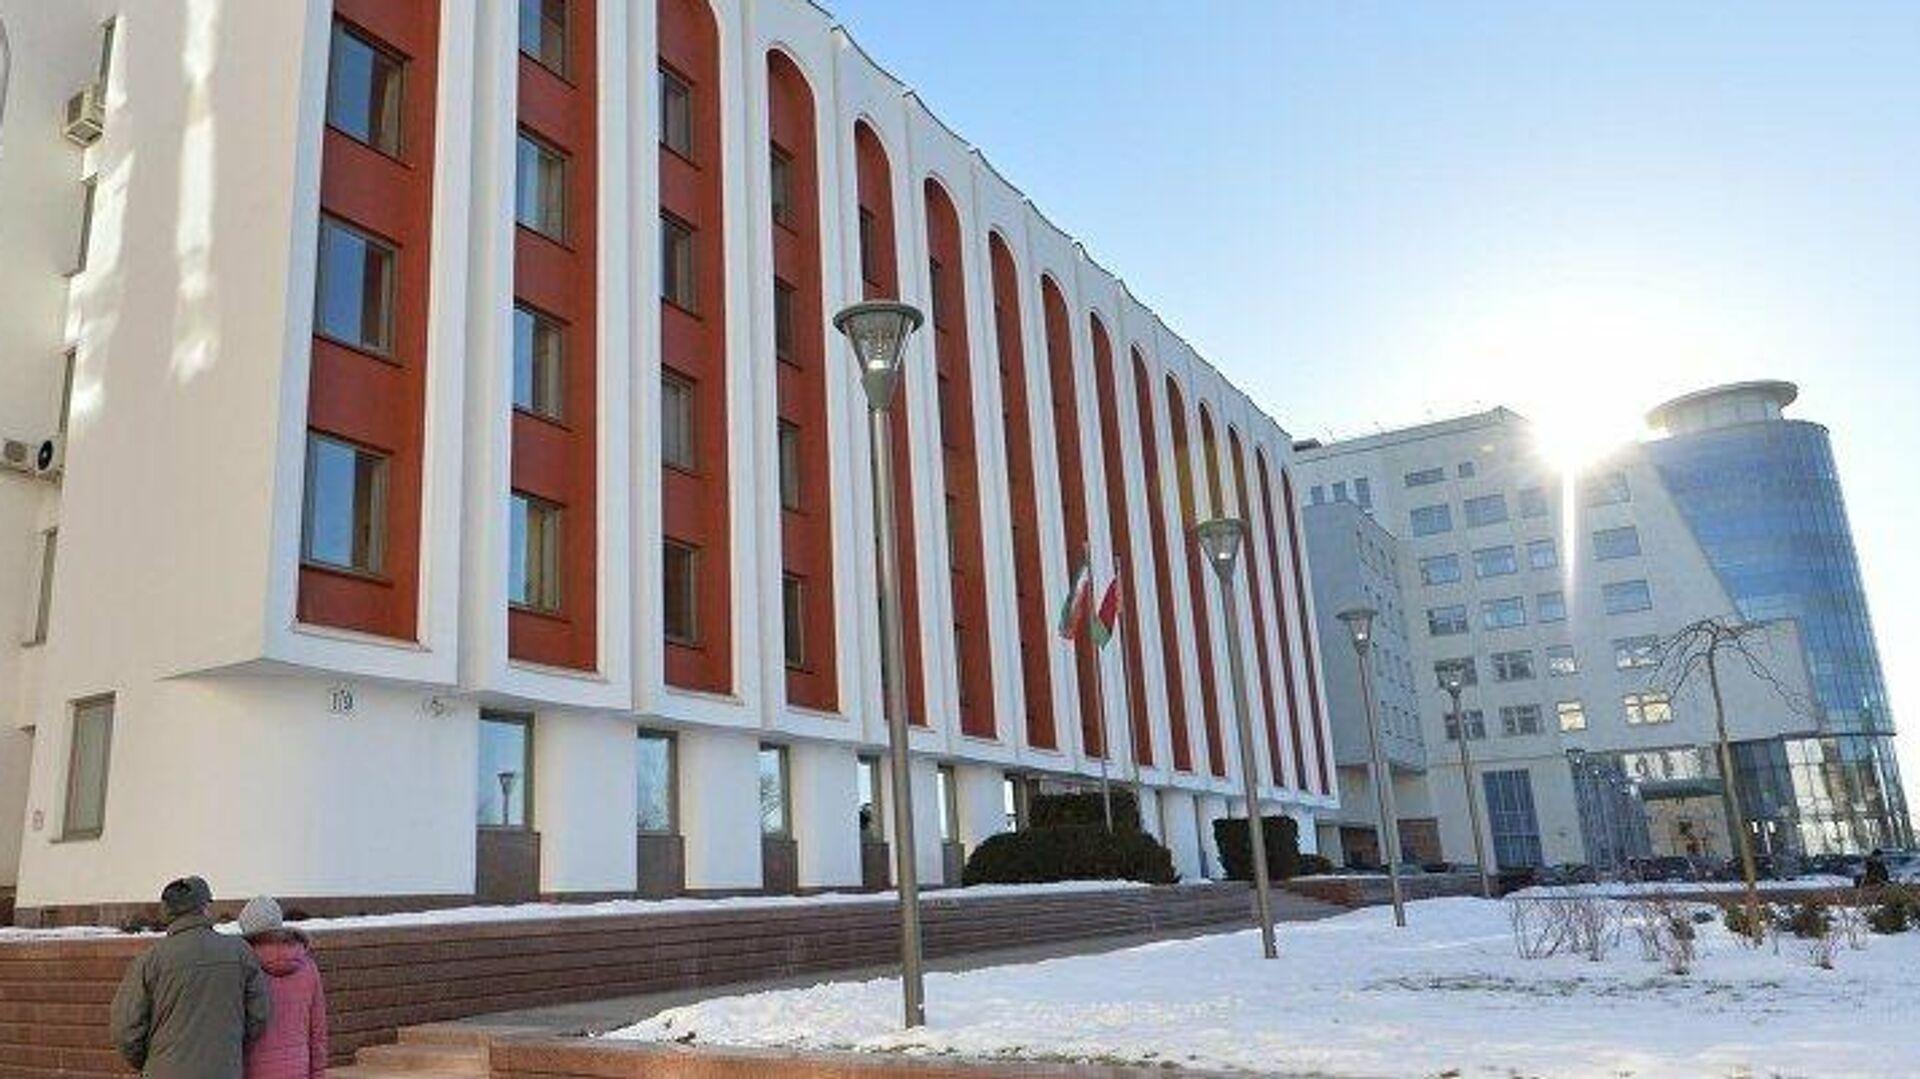 Здание Министерства иностранных дел Белоруссии - РИА Новости, 1920, 09.03.2021